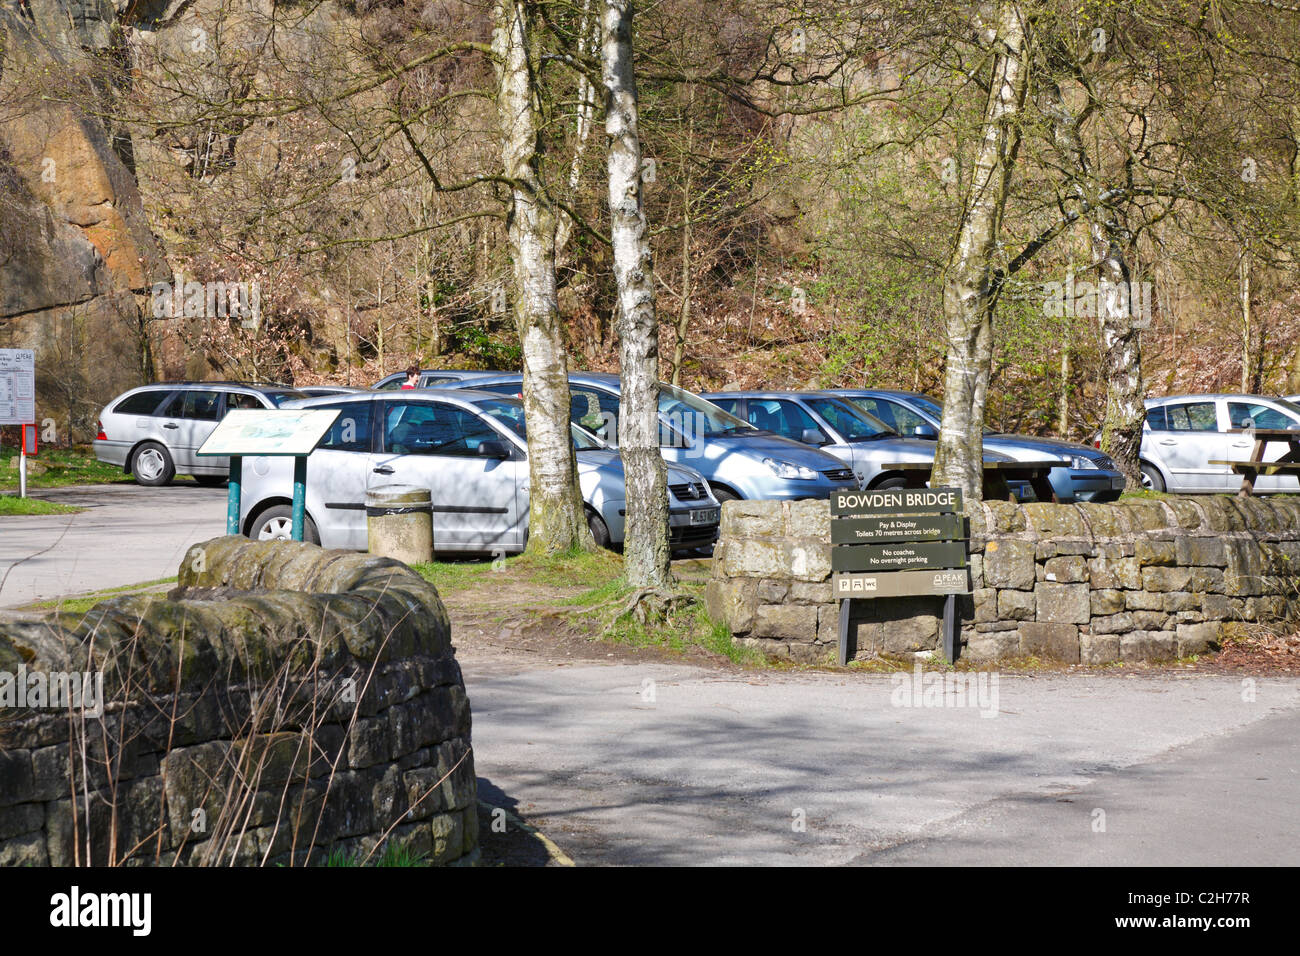 Bowden Bridge Peak District National Park Car Park